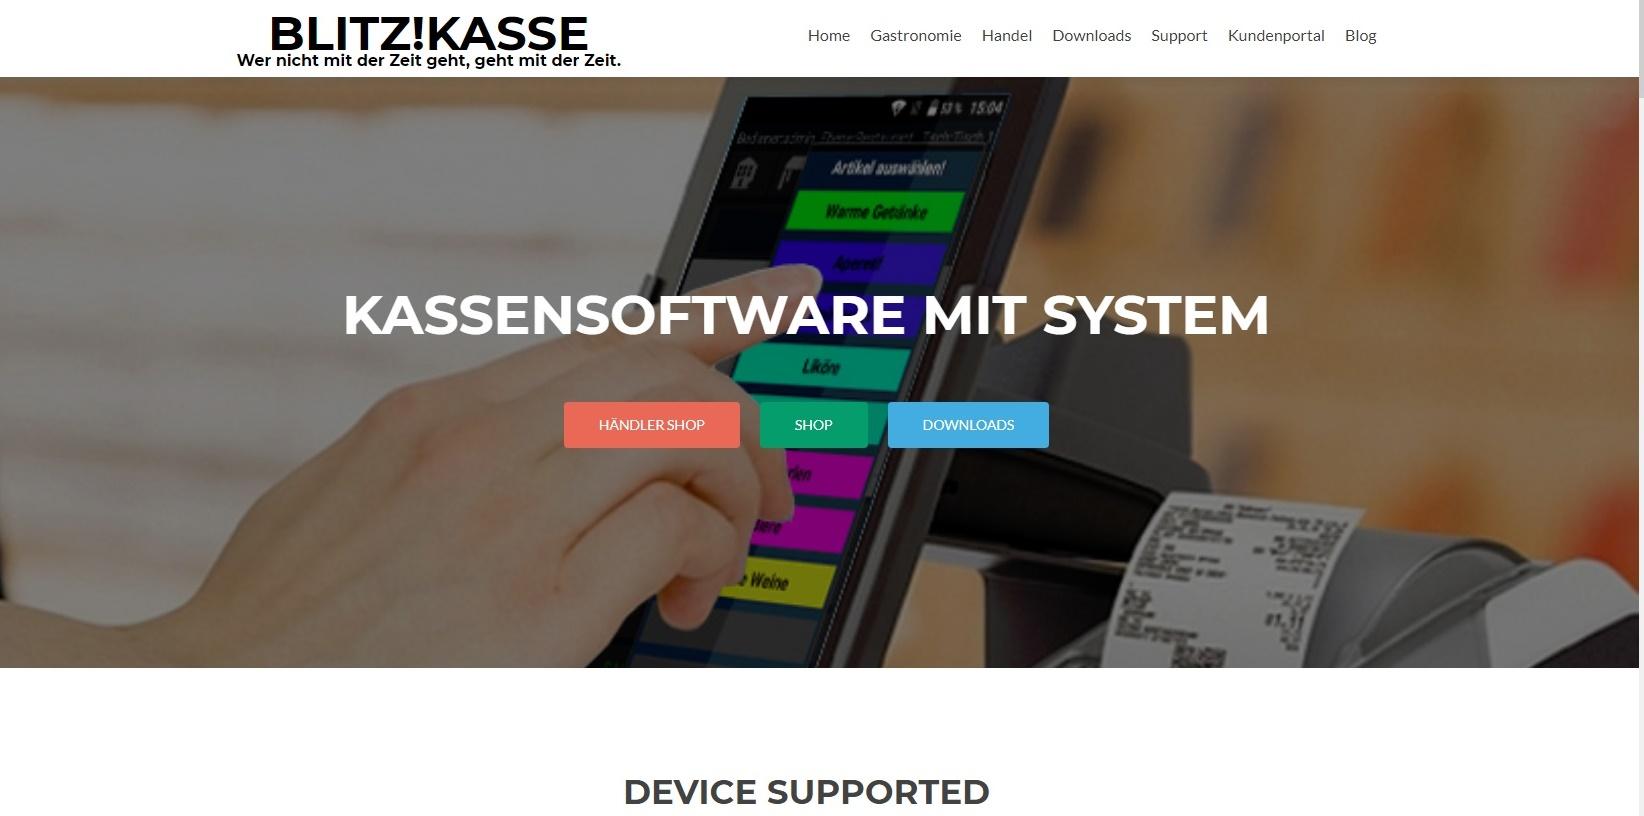 Blitz!Kasse FrontPage Hauptseite für unsere WebPage und Blitz!Kasse Software